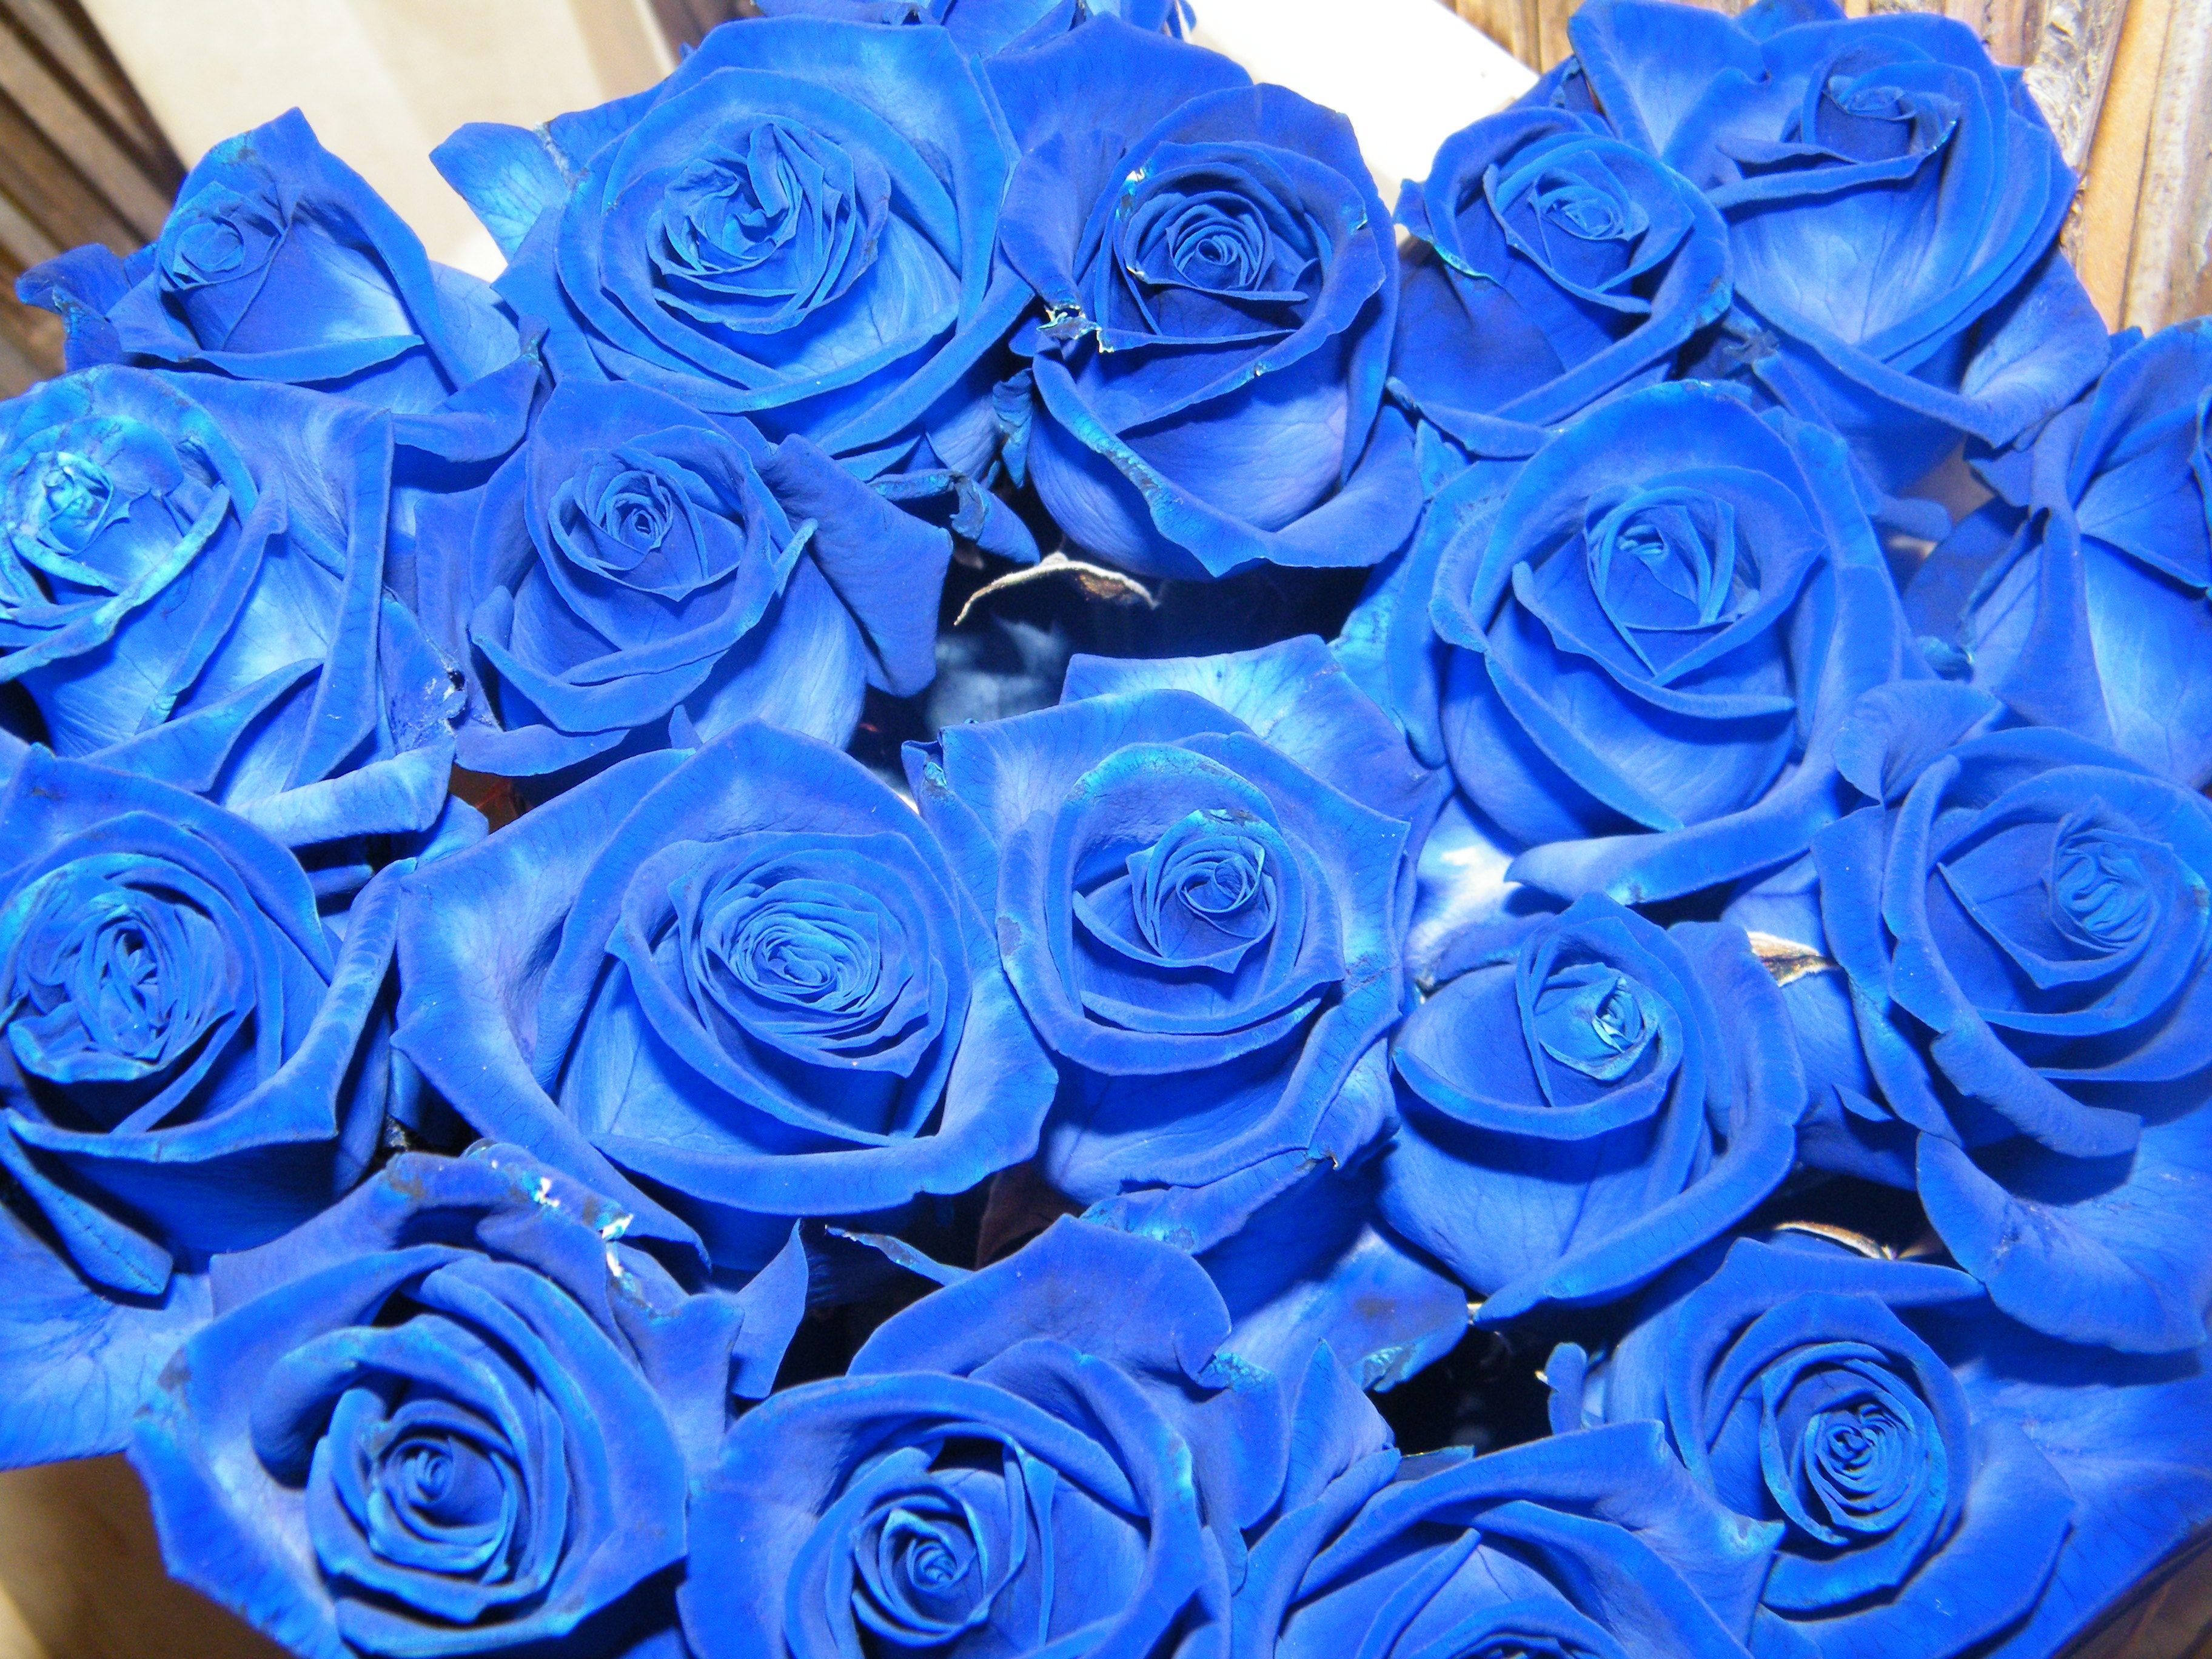 Rose bleu fleuriste designer 89 rue de famars for Fleuriste rose